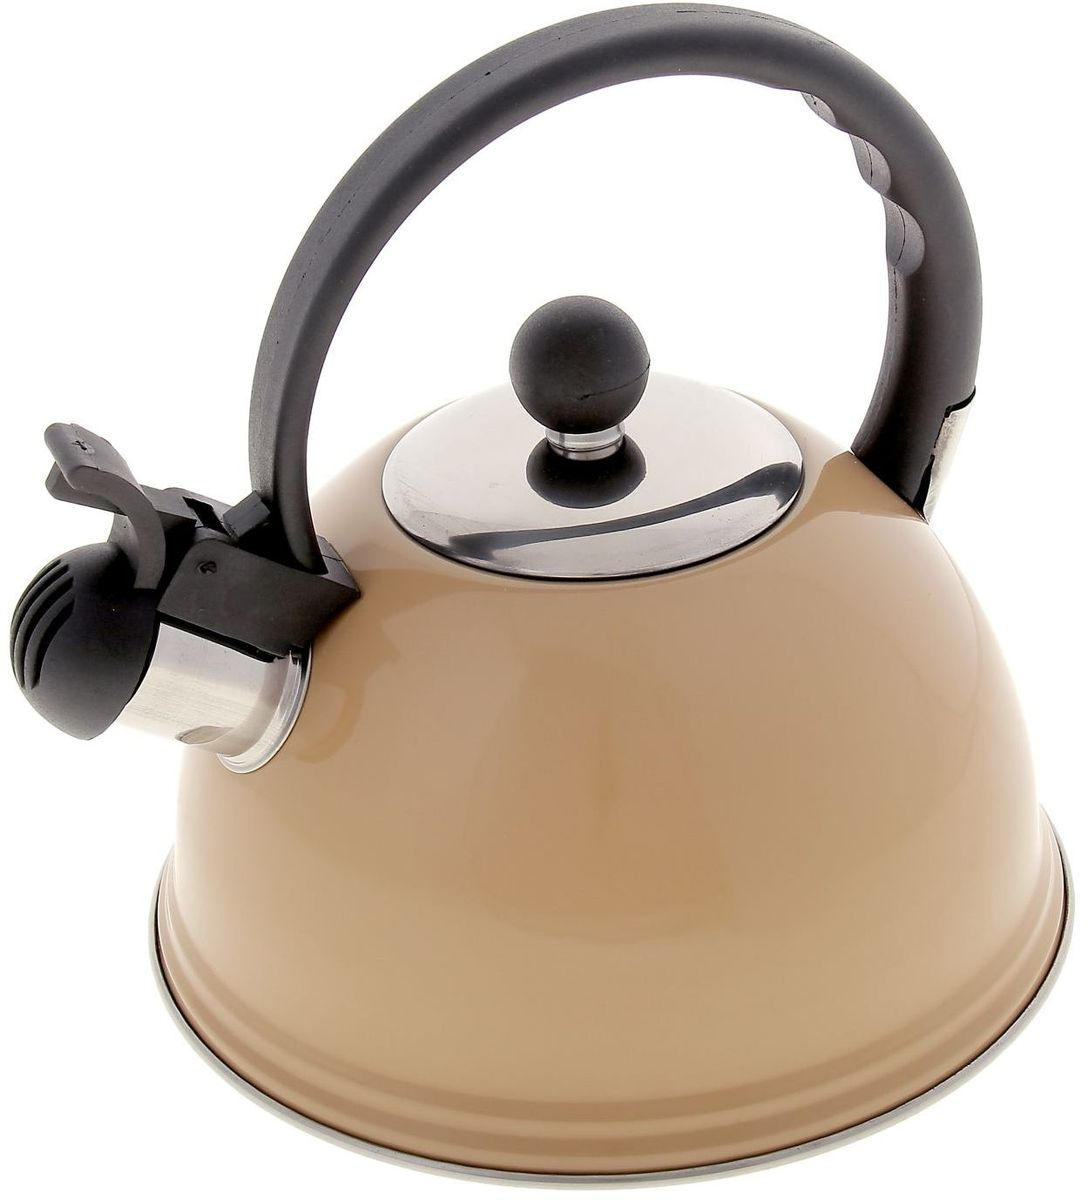 Чайник Доляна Элит, со свистком, цвет: бежевый, 1 л851952Чайник выполнен из высококачественной нержавеющей стали, что обеспечивает долговечность использования. Внешнее зеркальное покрытие придает приятный внешний вид. Бакелитовая ручка делает использование чайника очень удобным и безопасным. Можно мыть в посудомоечной машине. Пригоден для всех видов плит, кроме индукционных.